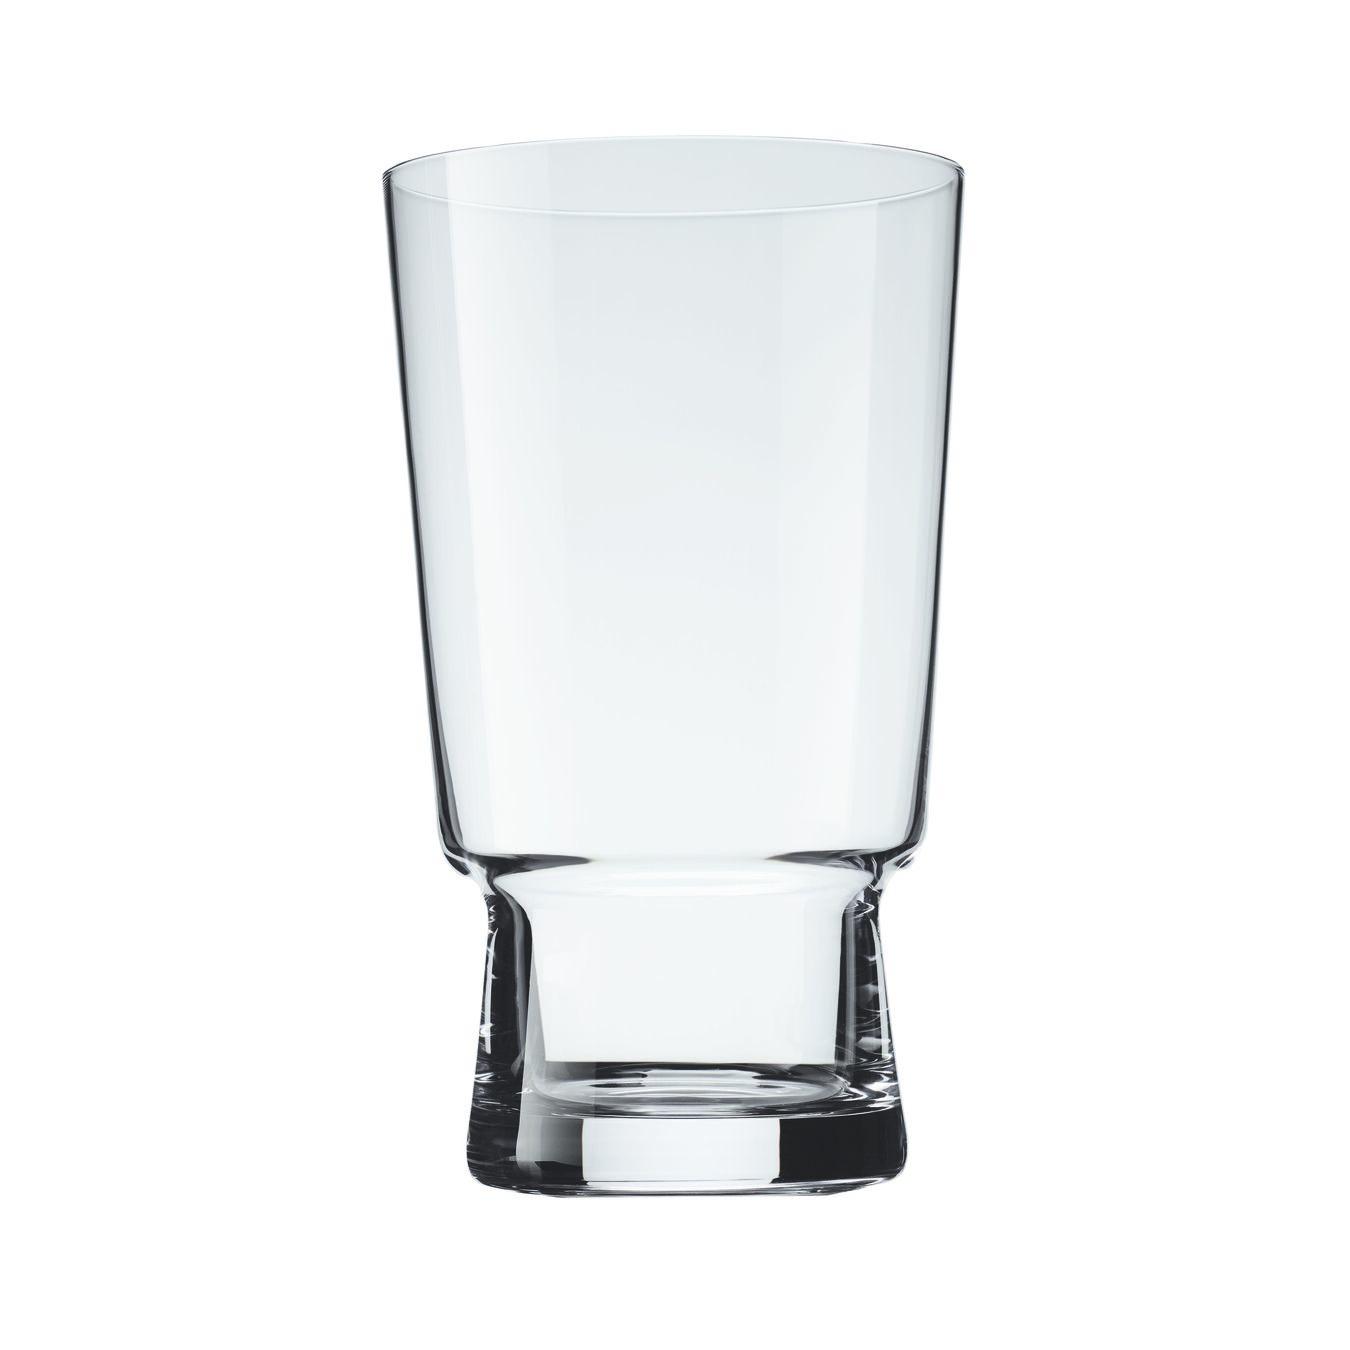 Copo para long drink 580 ml,,large 1